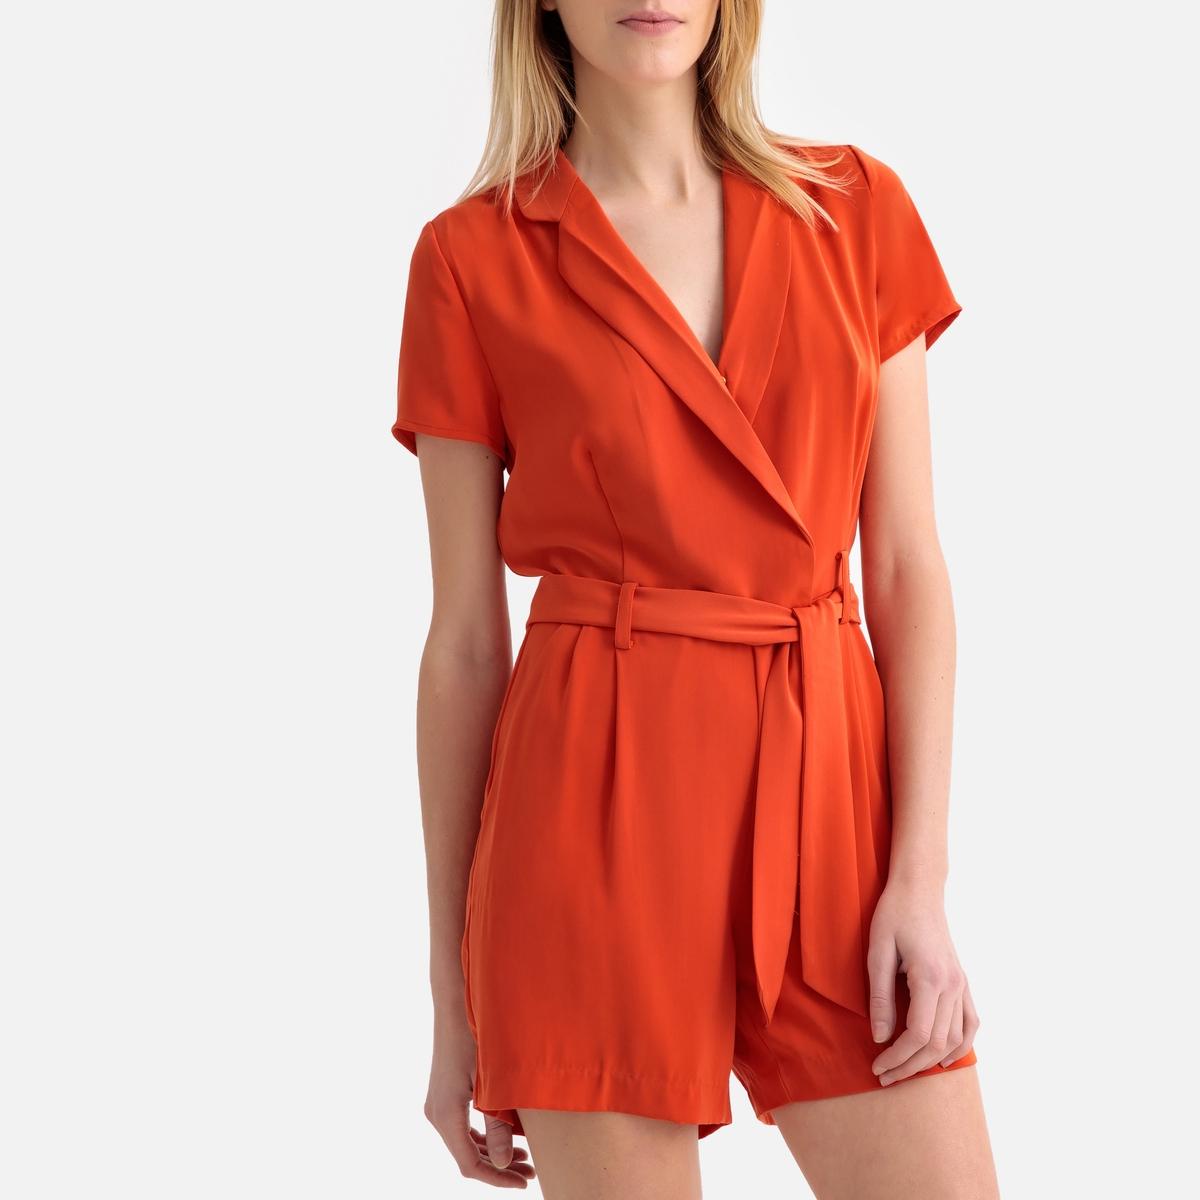 цена Комбинезон La Redoute С шортами с V-образным вырезом с запахом и короткими рукавами M оранжевый онлайн в 2017 году